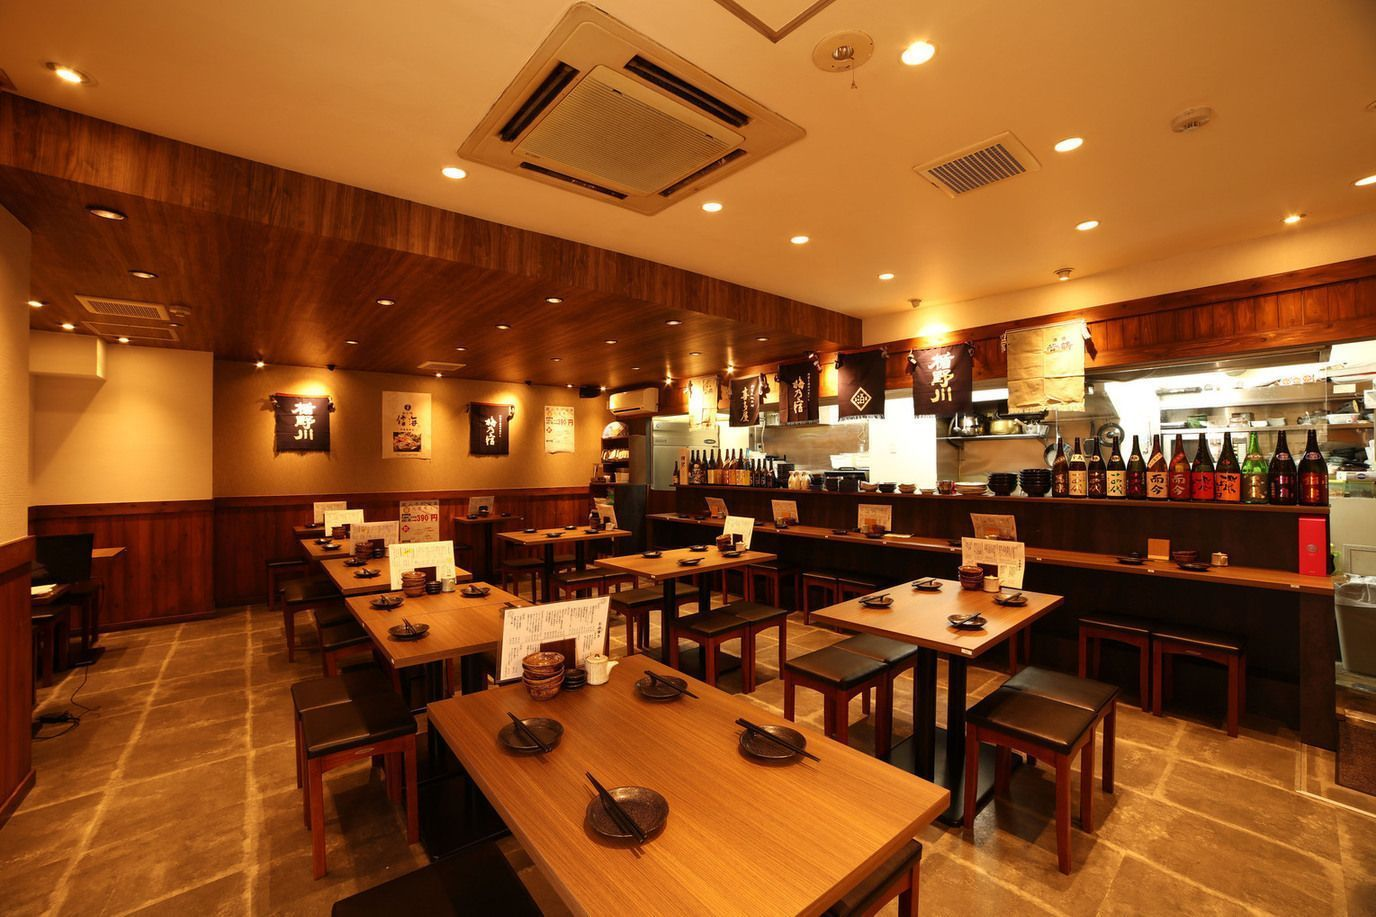 錦糸町の人気居酒屋!ここだけは行っておきたいおすすめ店舗7選の画像